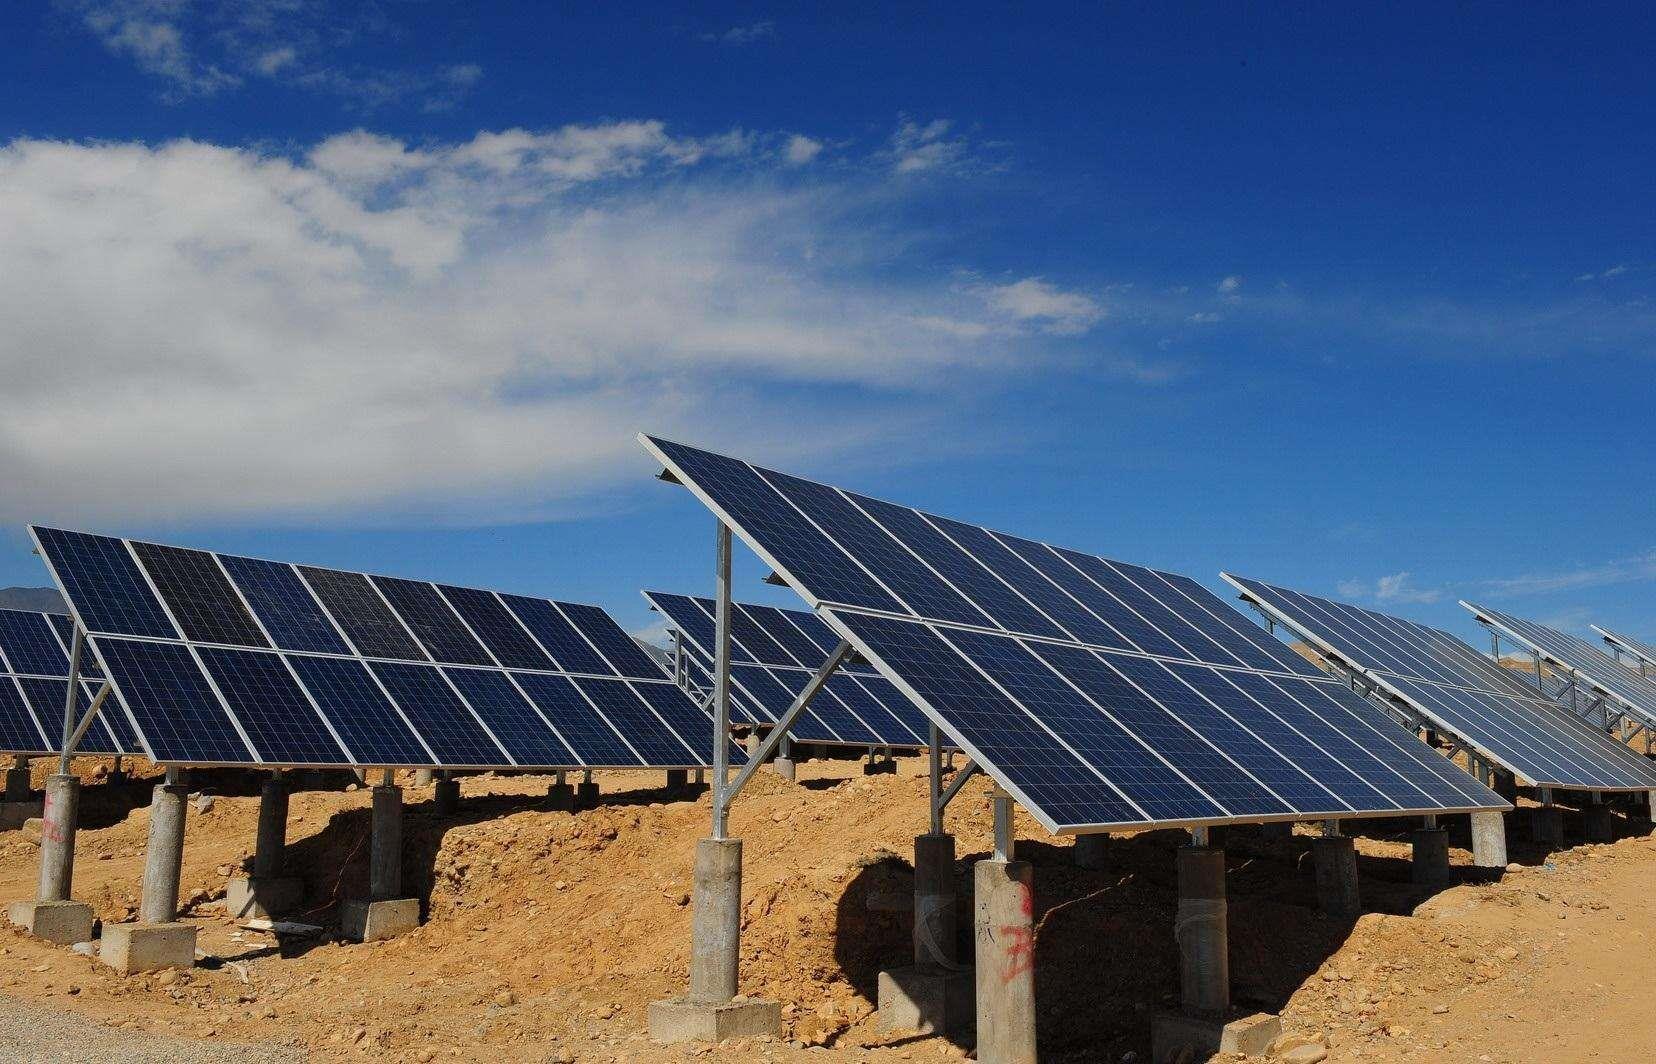 澳大利亚规模最大太阳能发电+储能系统项目开建